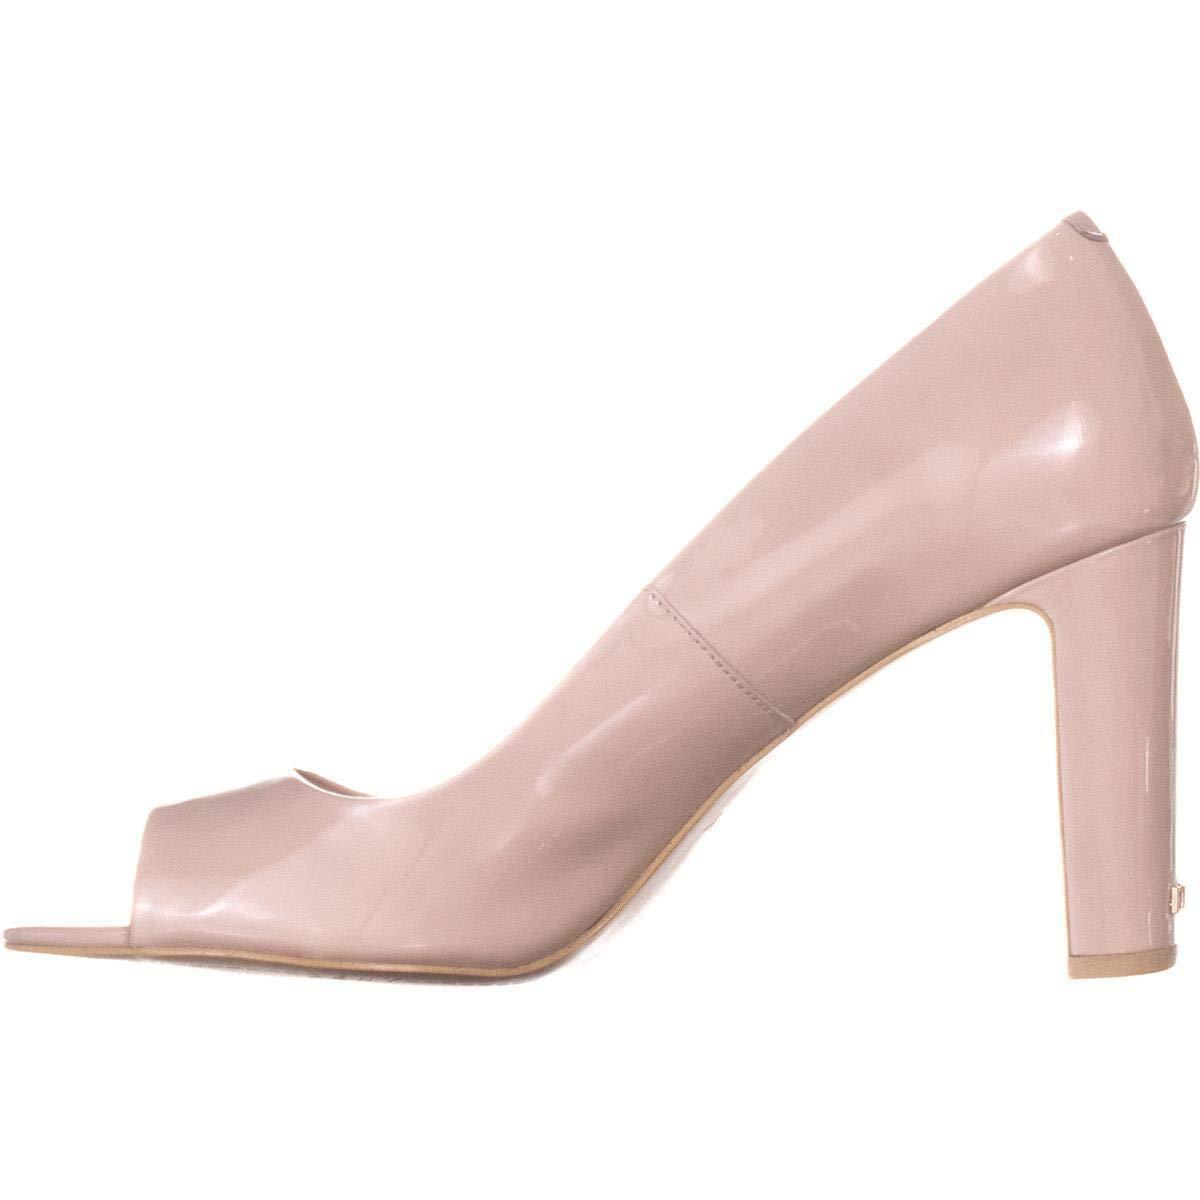 Pinky Nuke DKNY Jade Peep Toe Heels, White